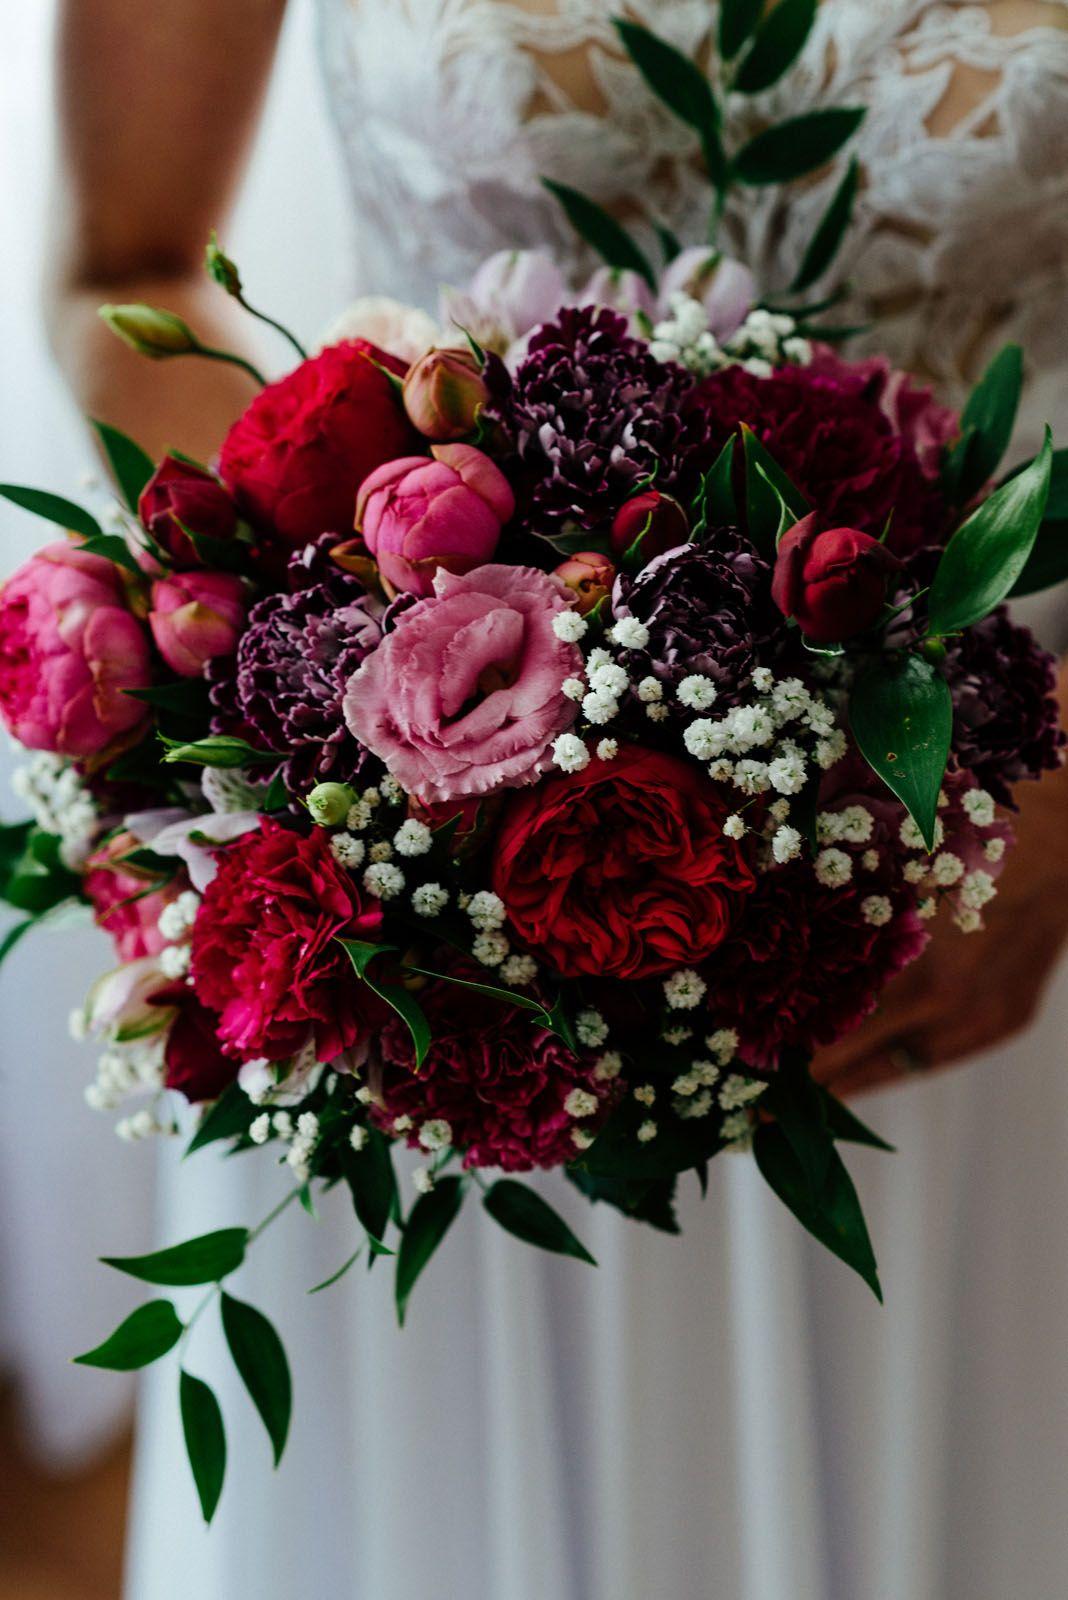 Bukiet Dla Panny Mlodej Kwiaty Bukietpannymlodej Fotografslubny Fotografiaslubna Bouquet